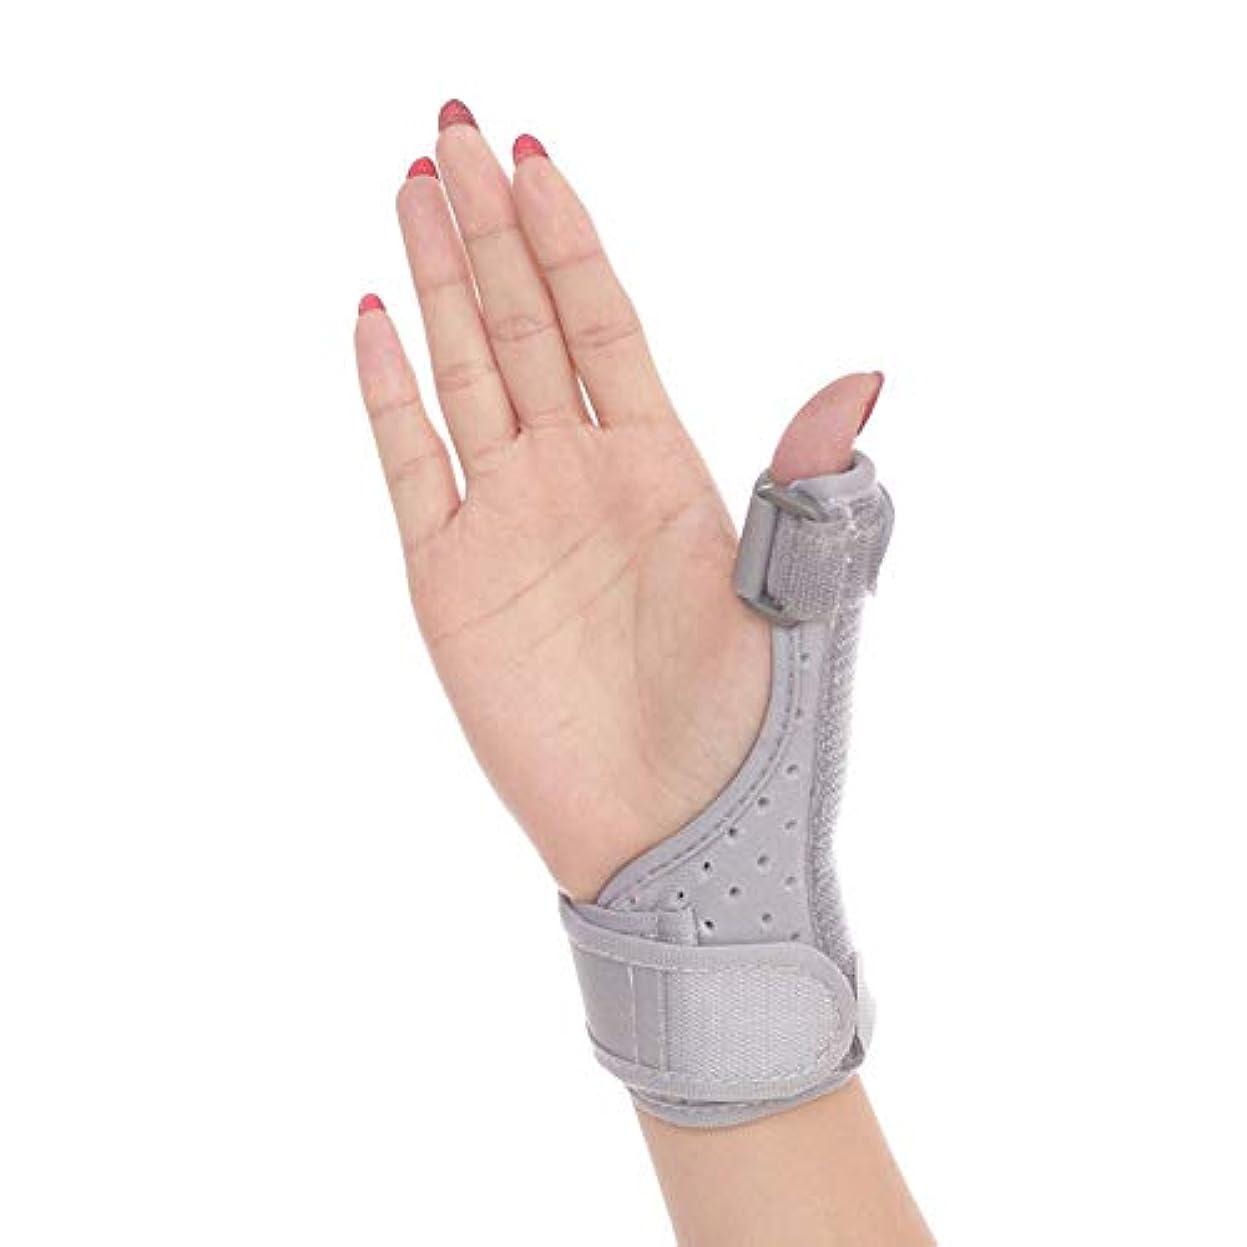 不器用見つけるヒット手首の親指の指の副木、関節炎、腱炎、手根管の痛みの軽減、軽量で 調節可能なサイズに適しています